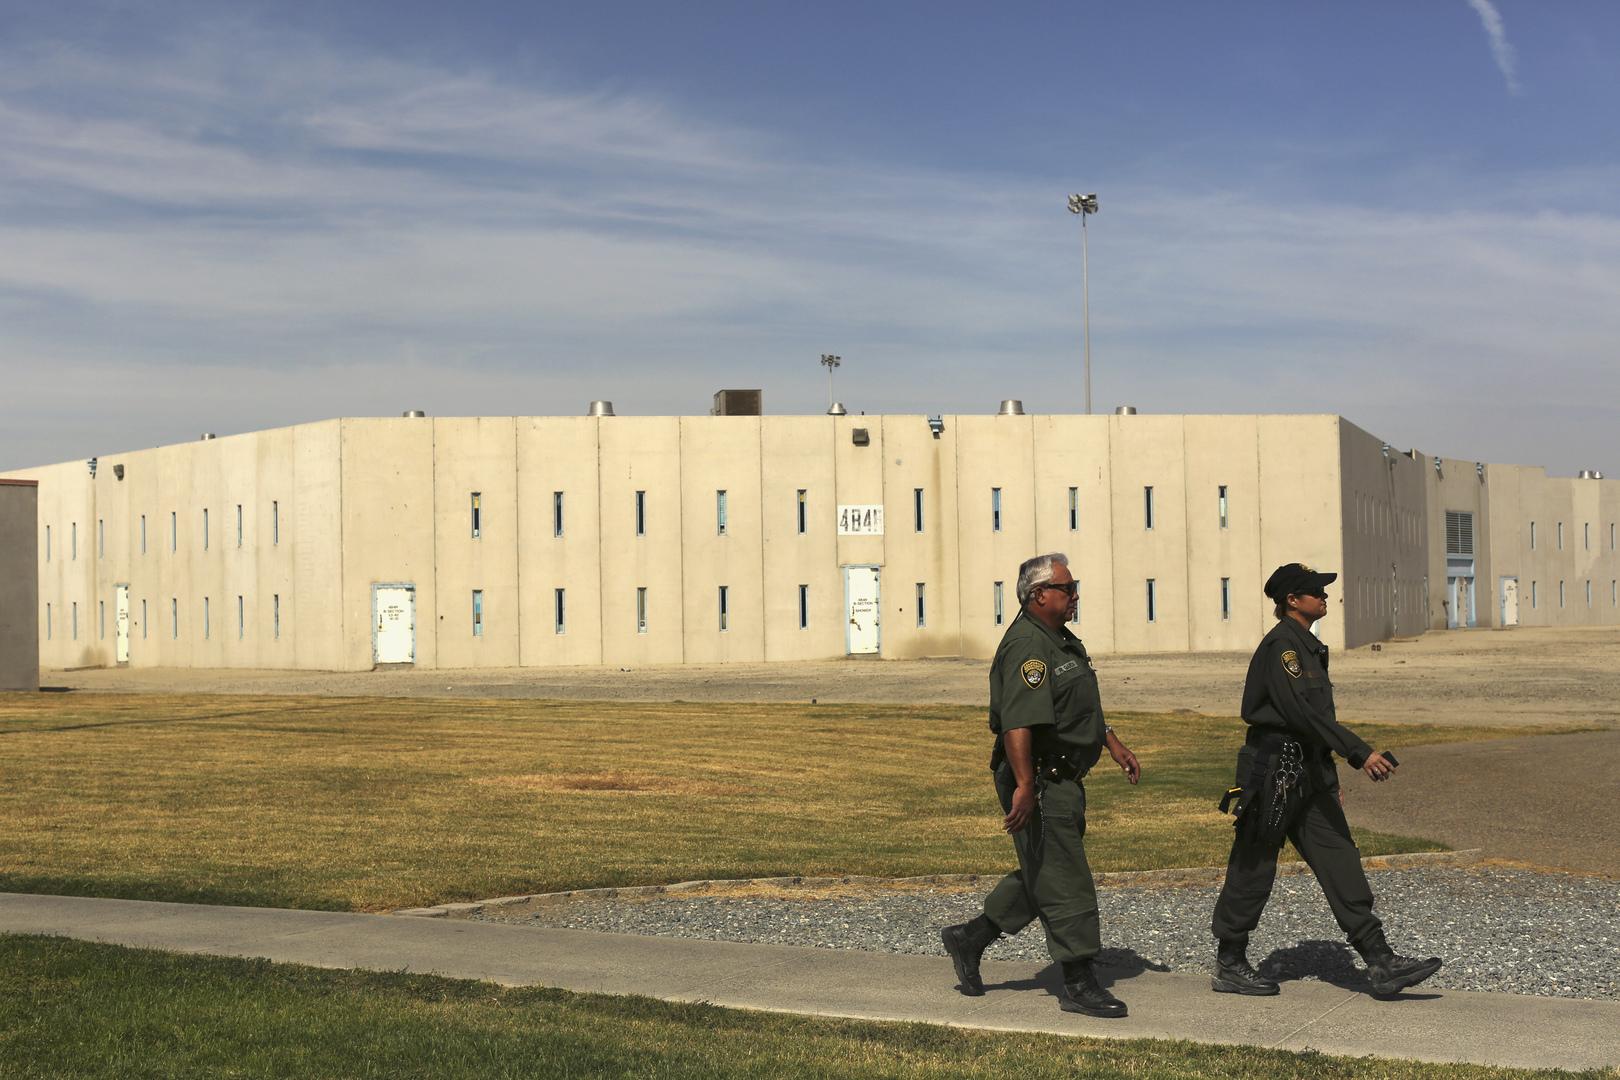 إطلاق سراح آلاف المساجين في الولايات المتحدة لمنع تفشي وباء